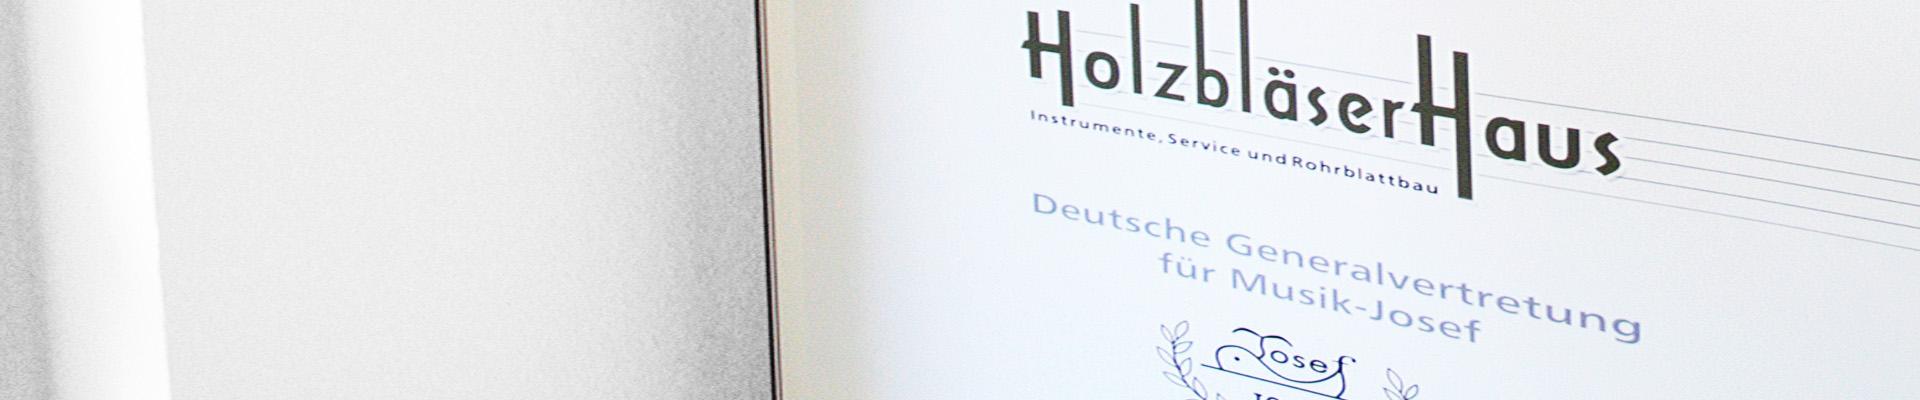 kontakt-stephan-pieger-muenchen-oboe-2018-2